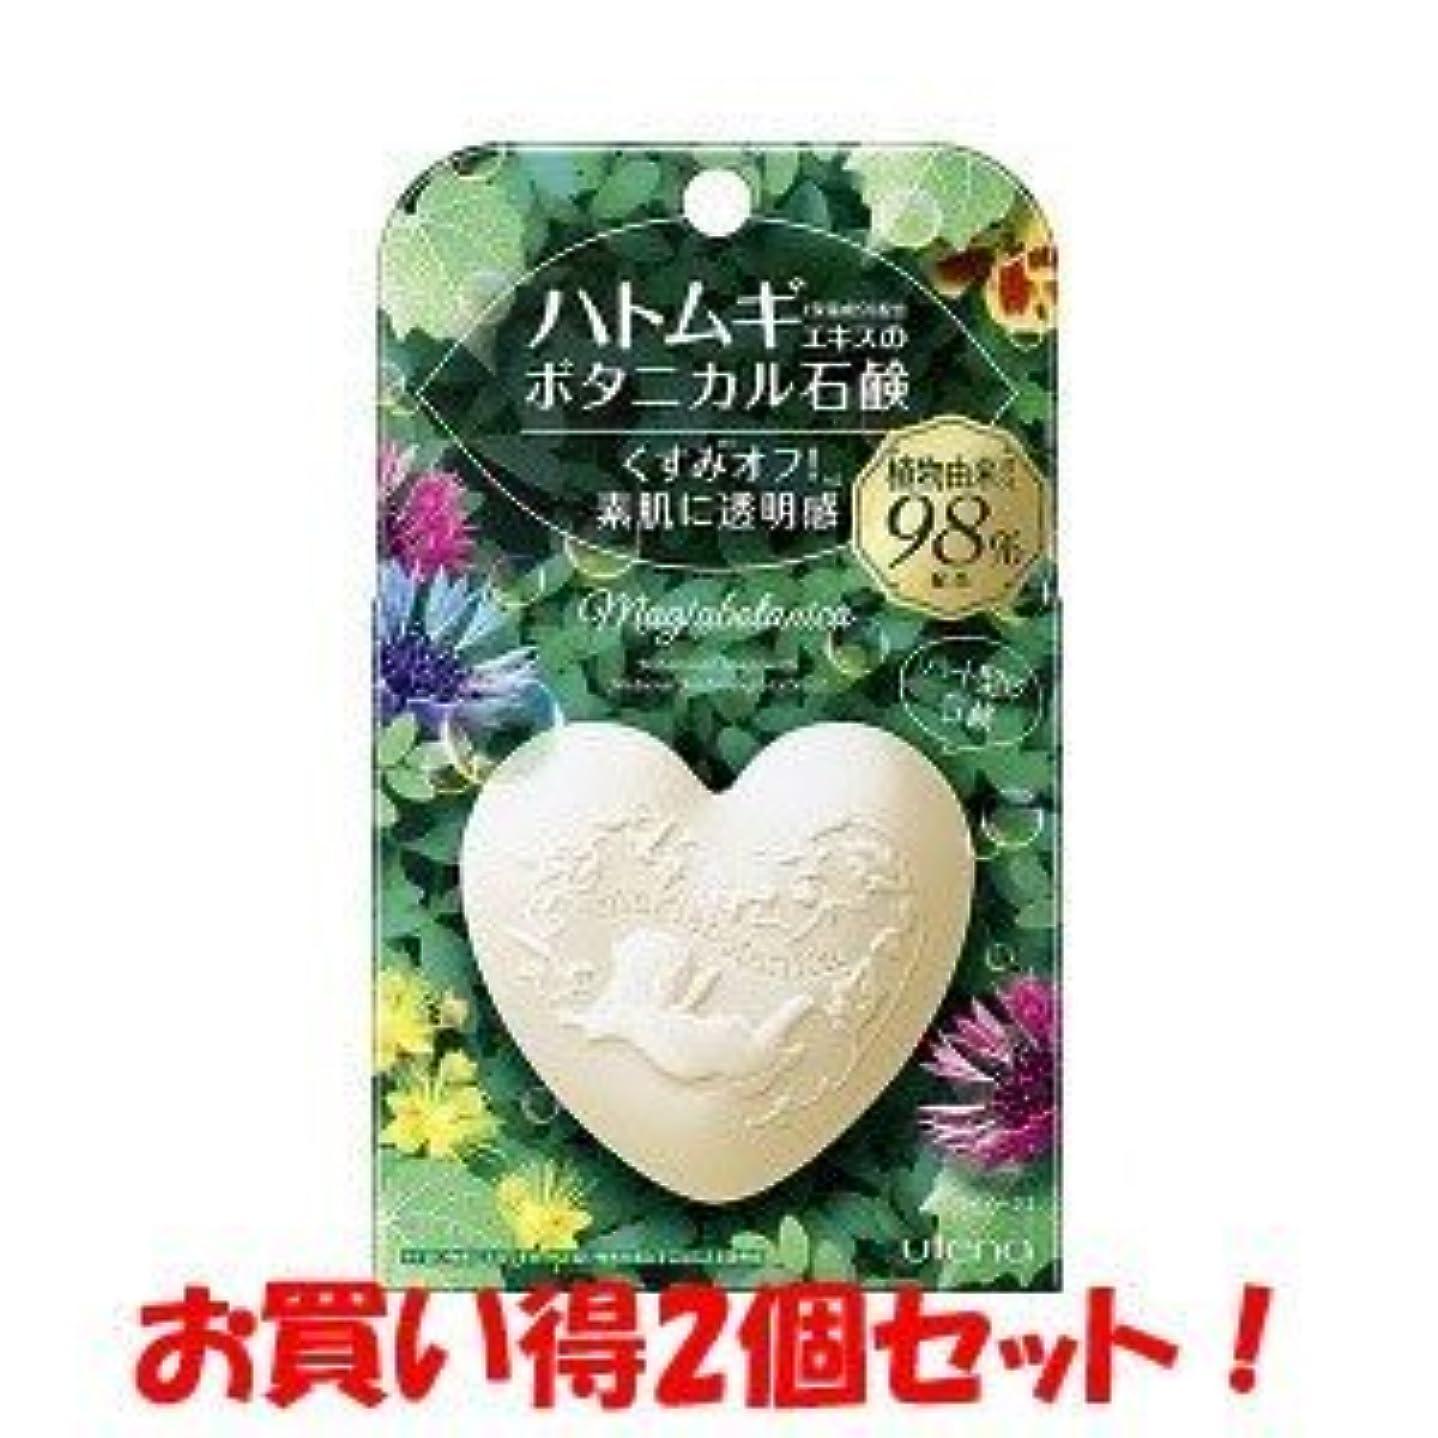 アシスト投票細い(ウテナ)マジアボタニカ ボタニカル石鹸 100g(お買い得2個セット)